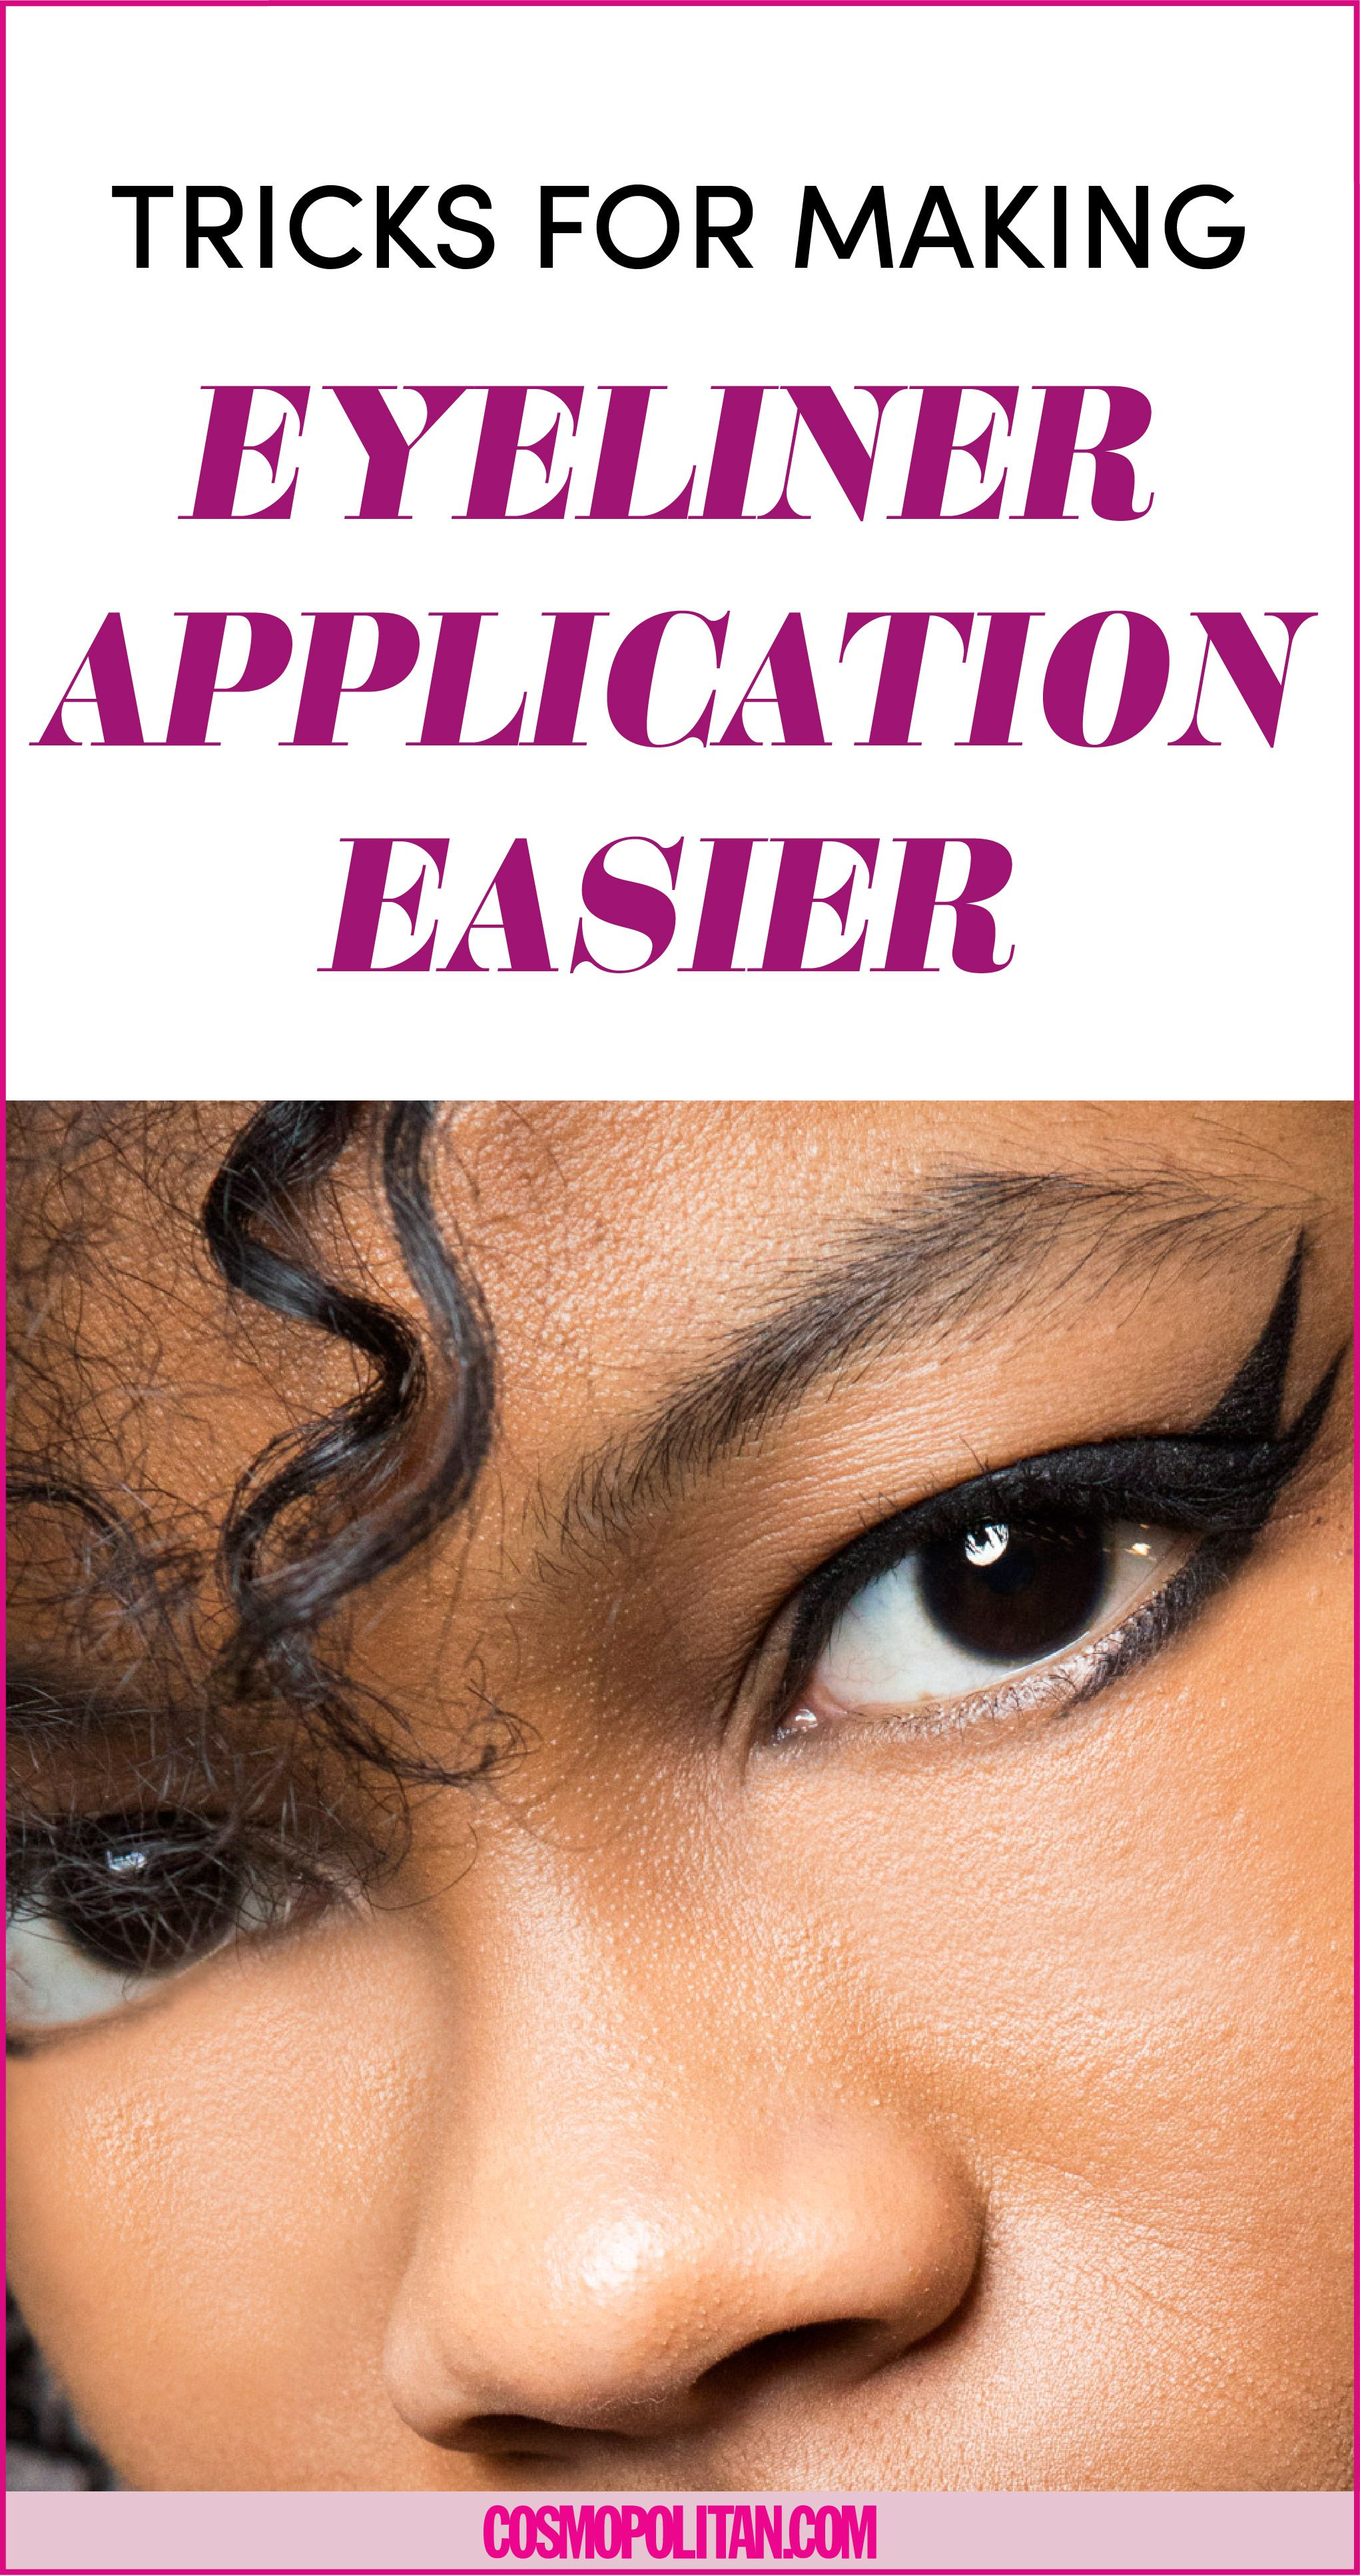 13 Tricks That'll Make Applying Eyeliner So Much Easier